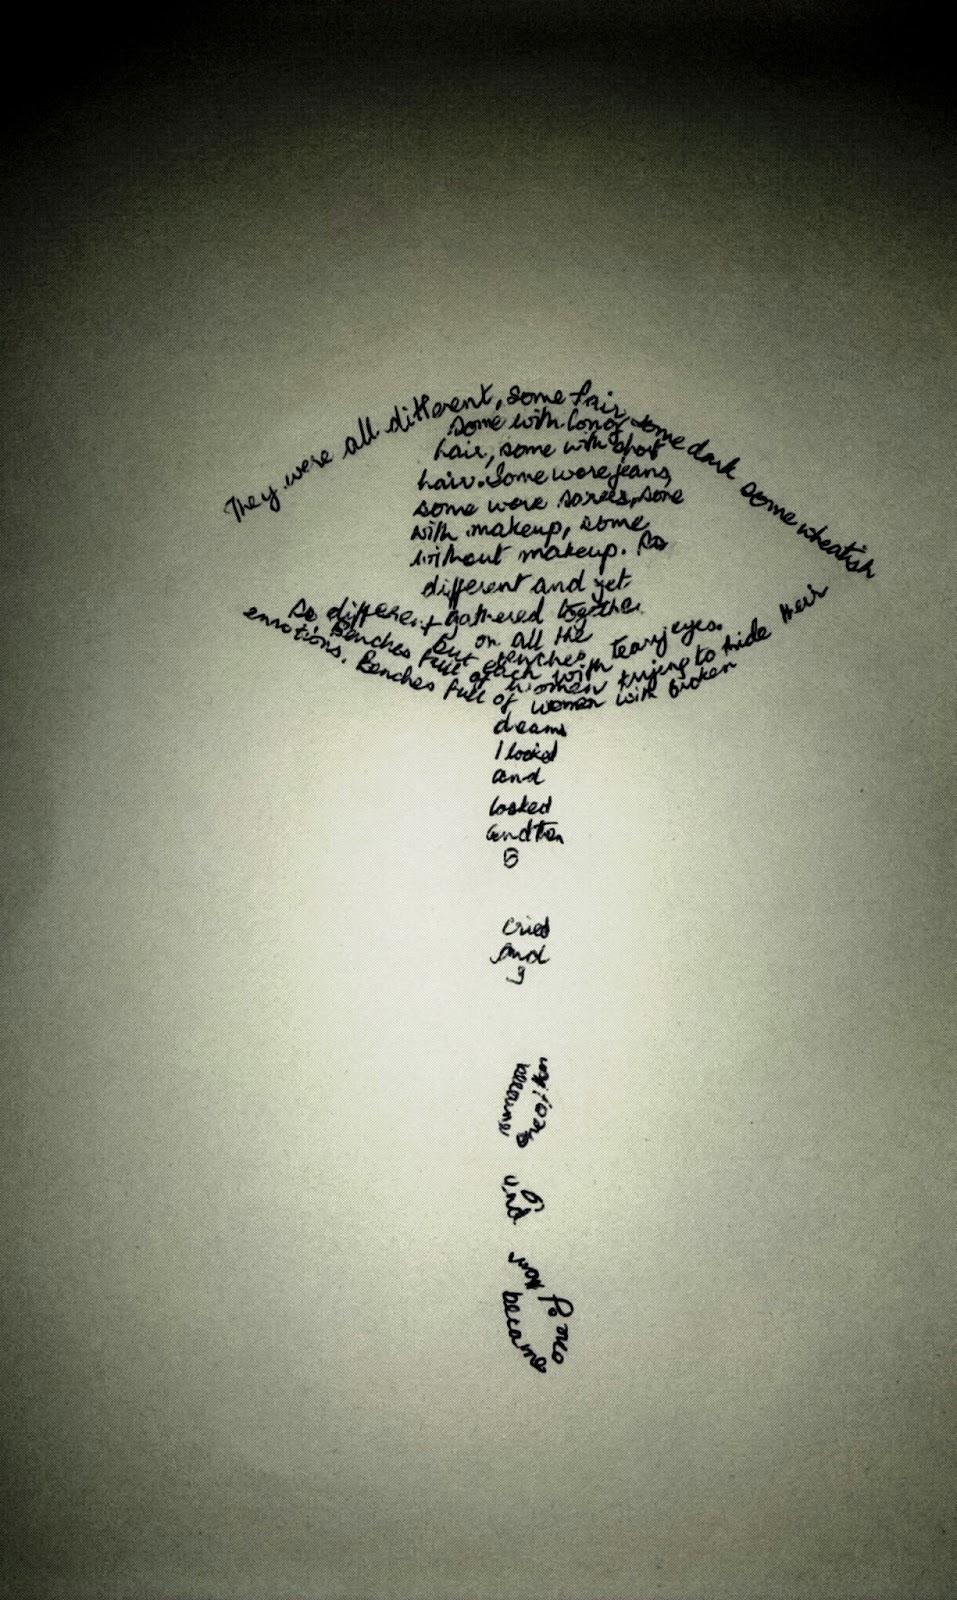 lyrical drawing